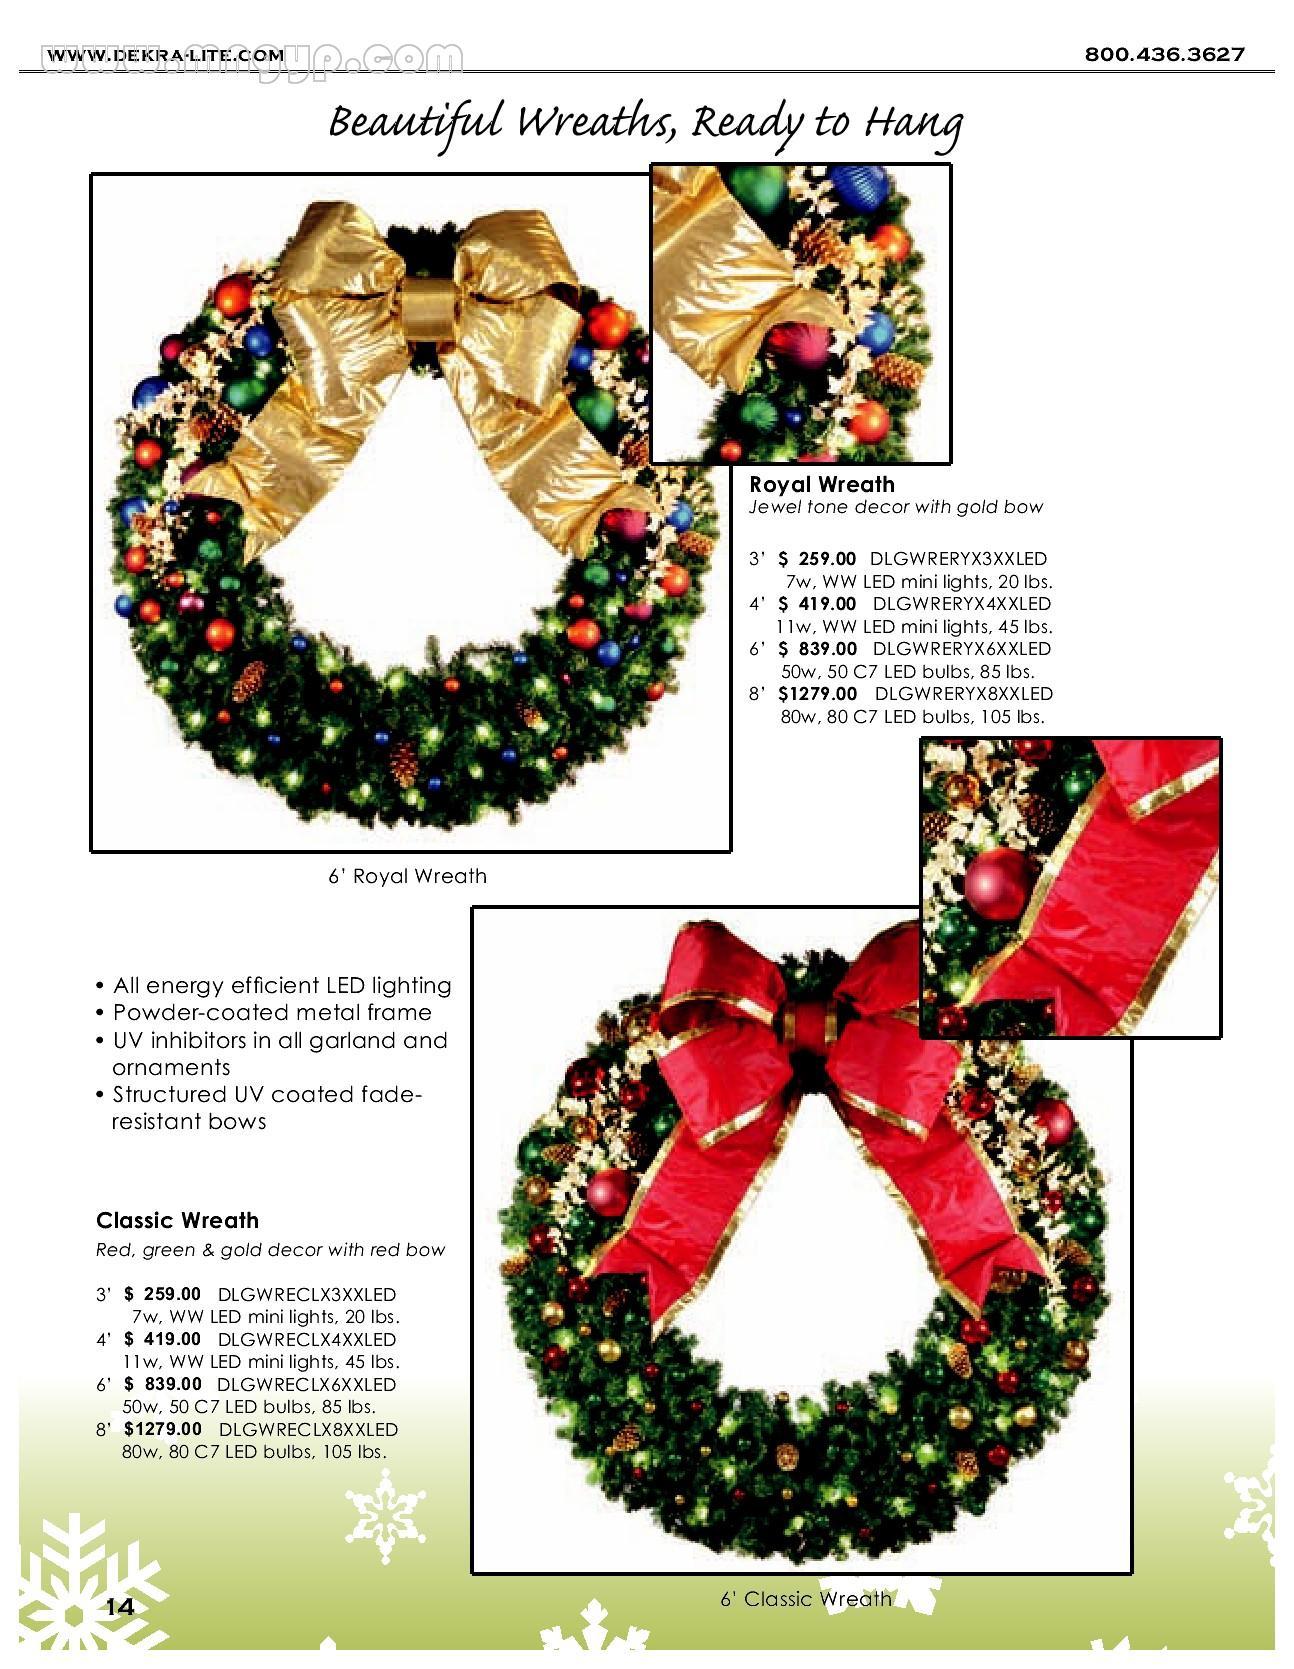 圣诞树,圣诞圈,圣诞彩球